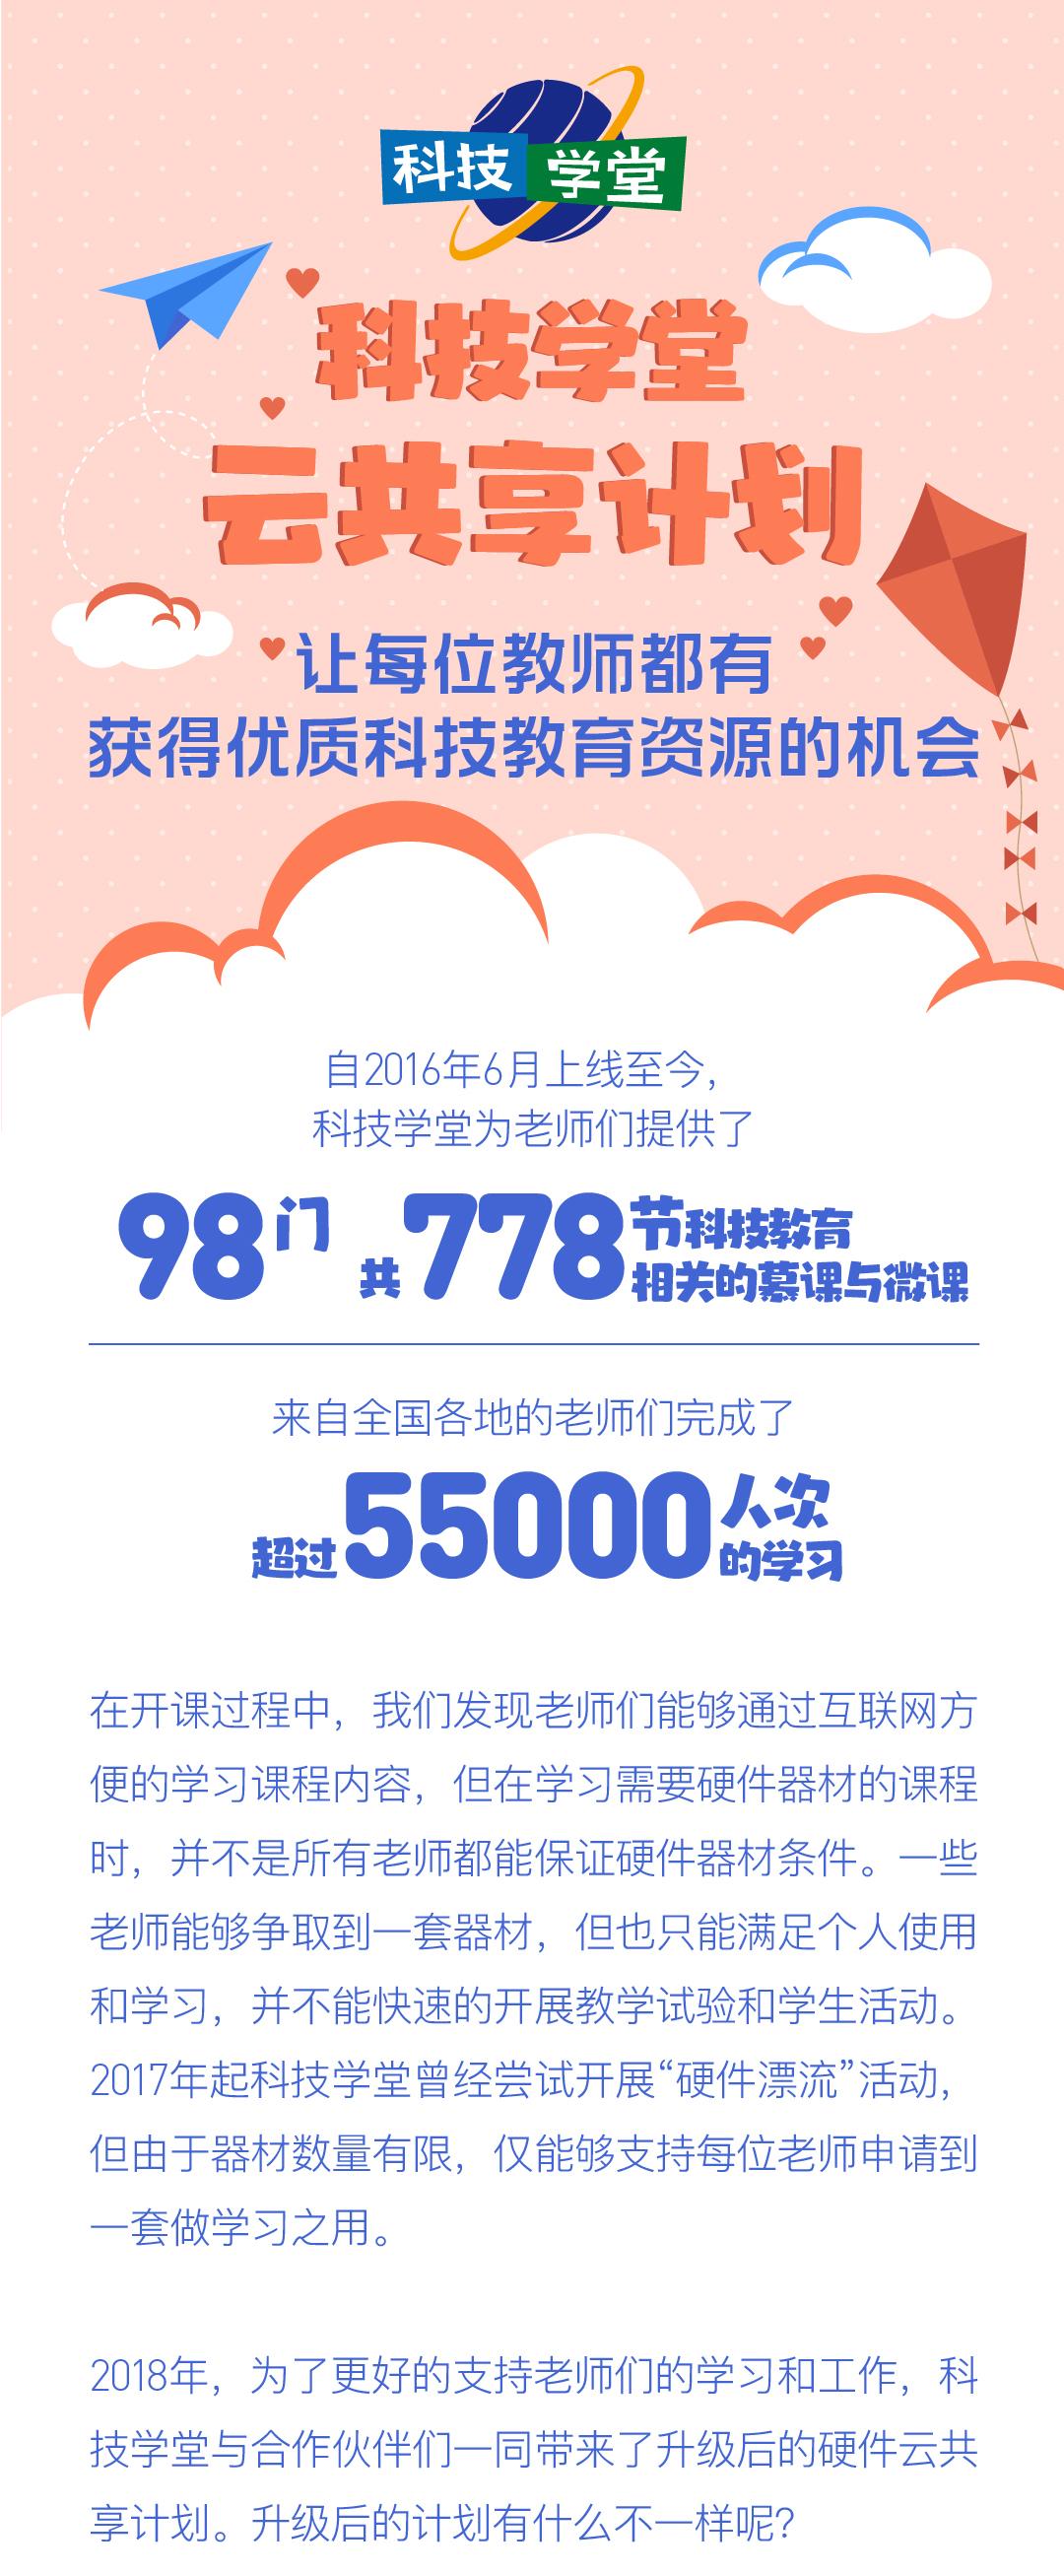 云共享计划-01_01.jpg